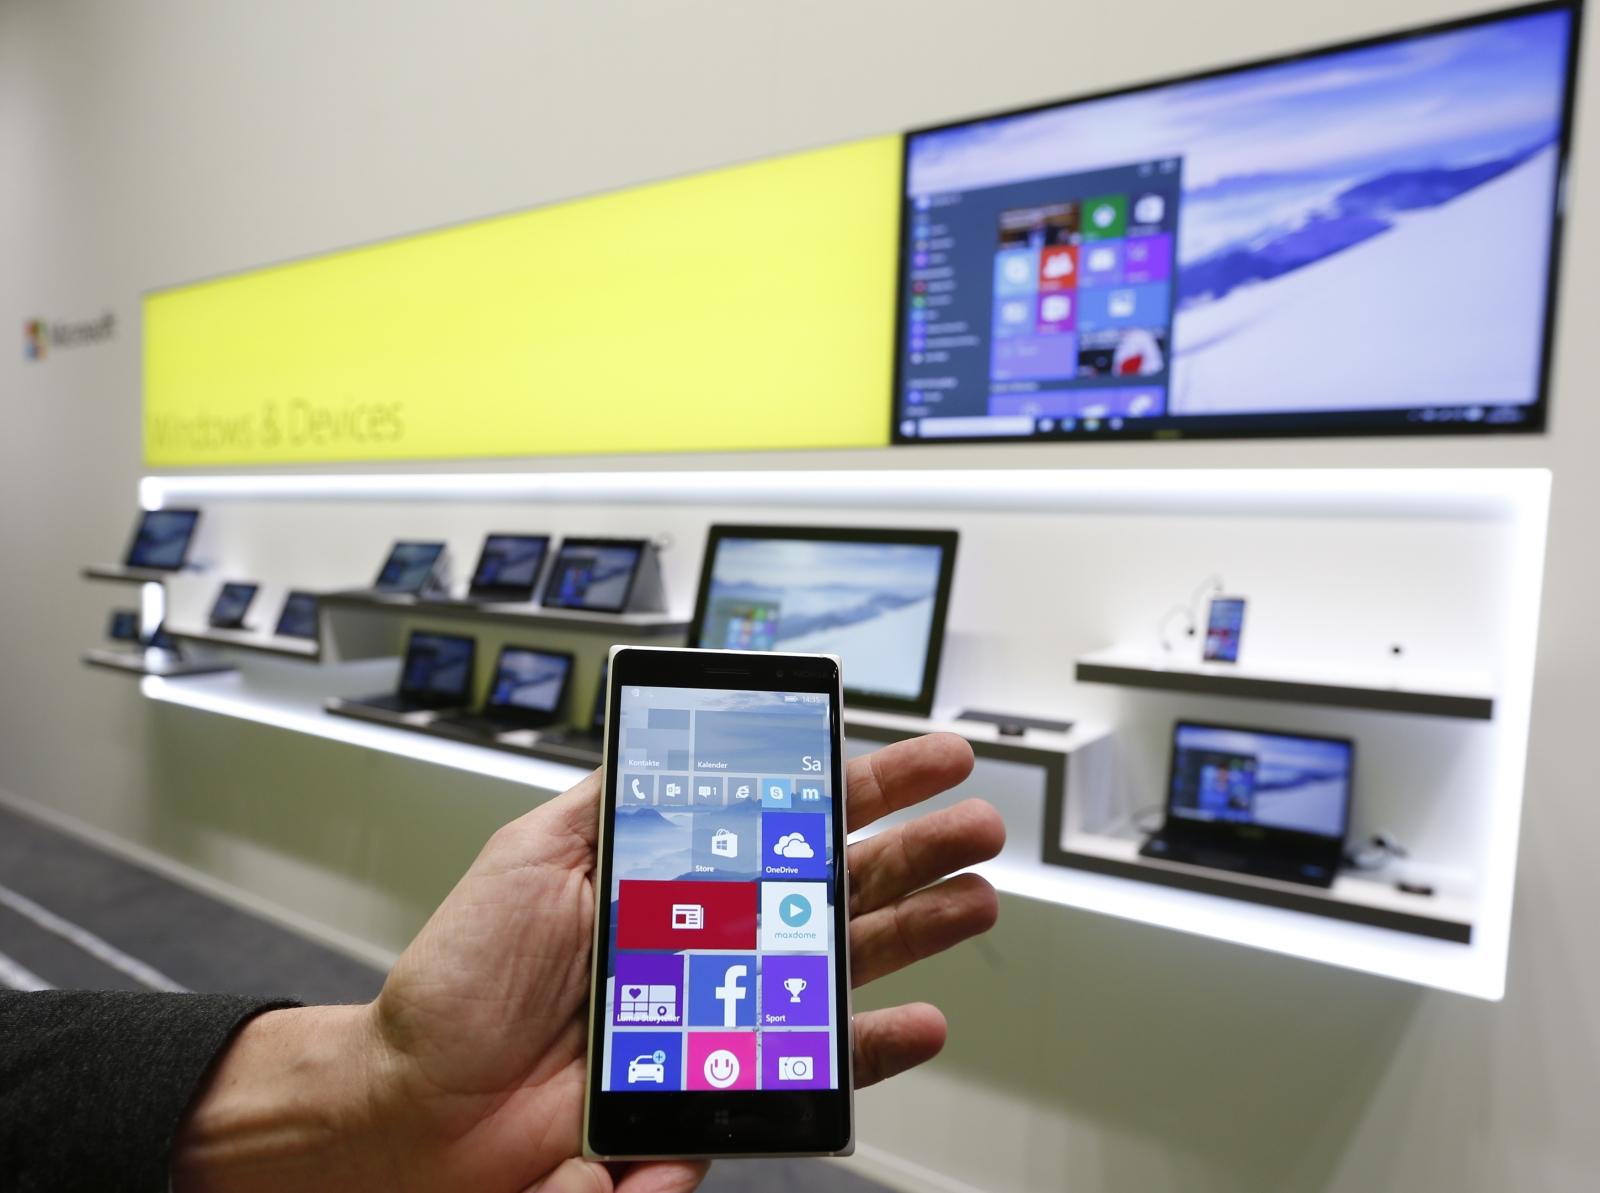 اسکرین شات های ویندوز 10 موبایل بیلد 10149